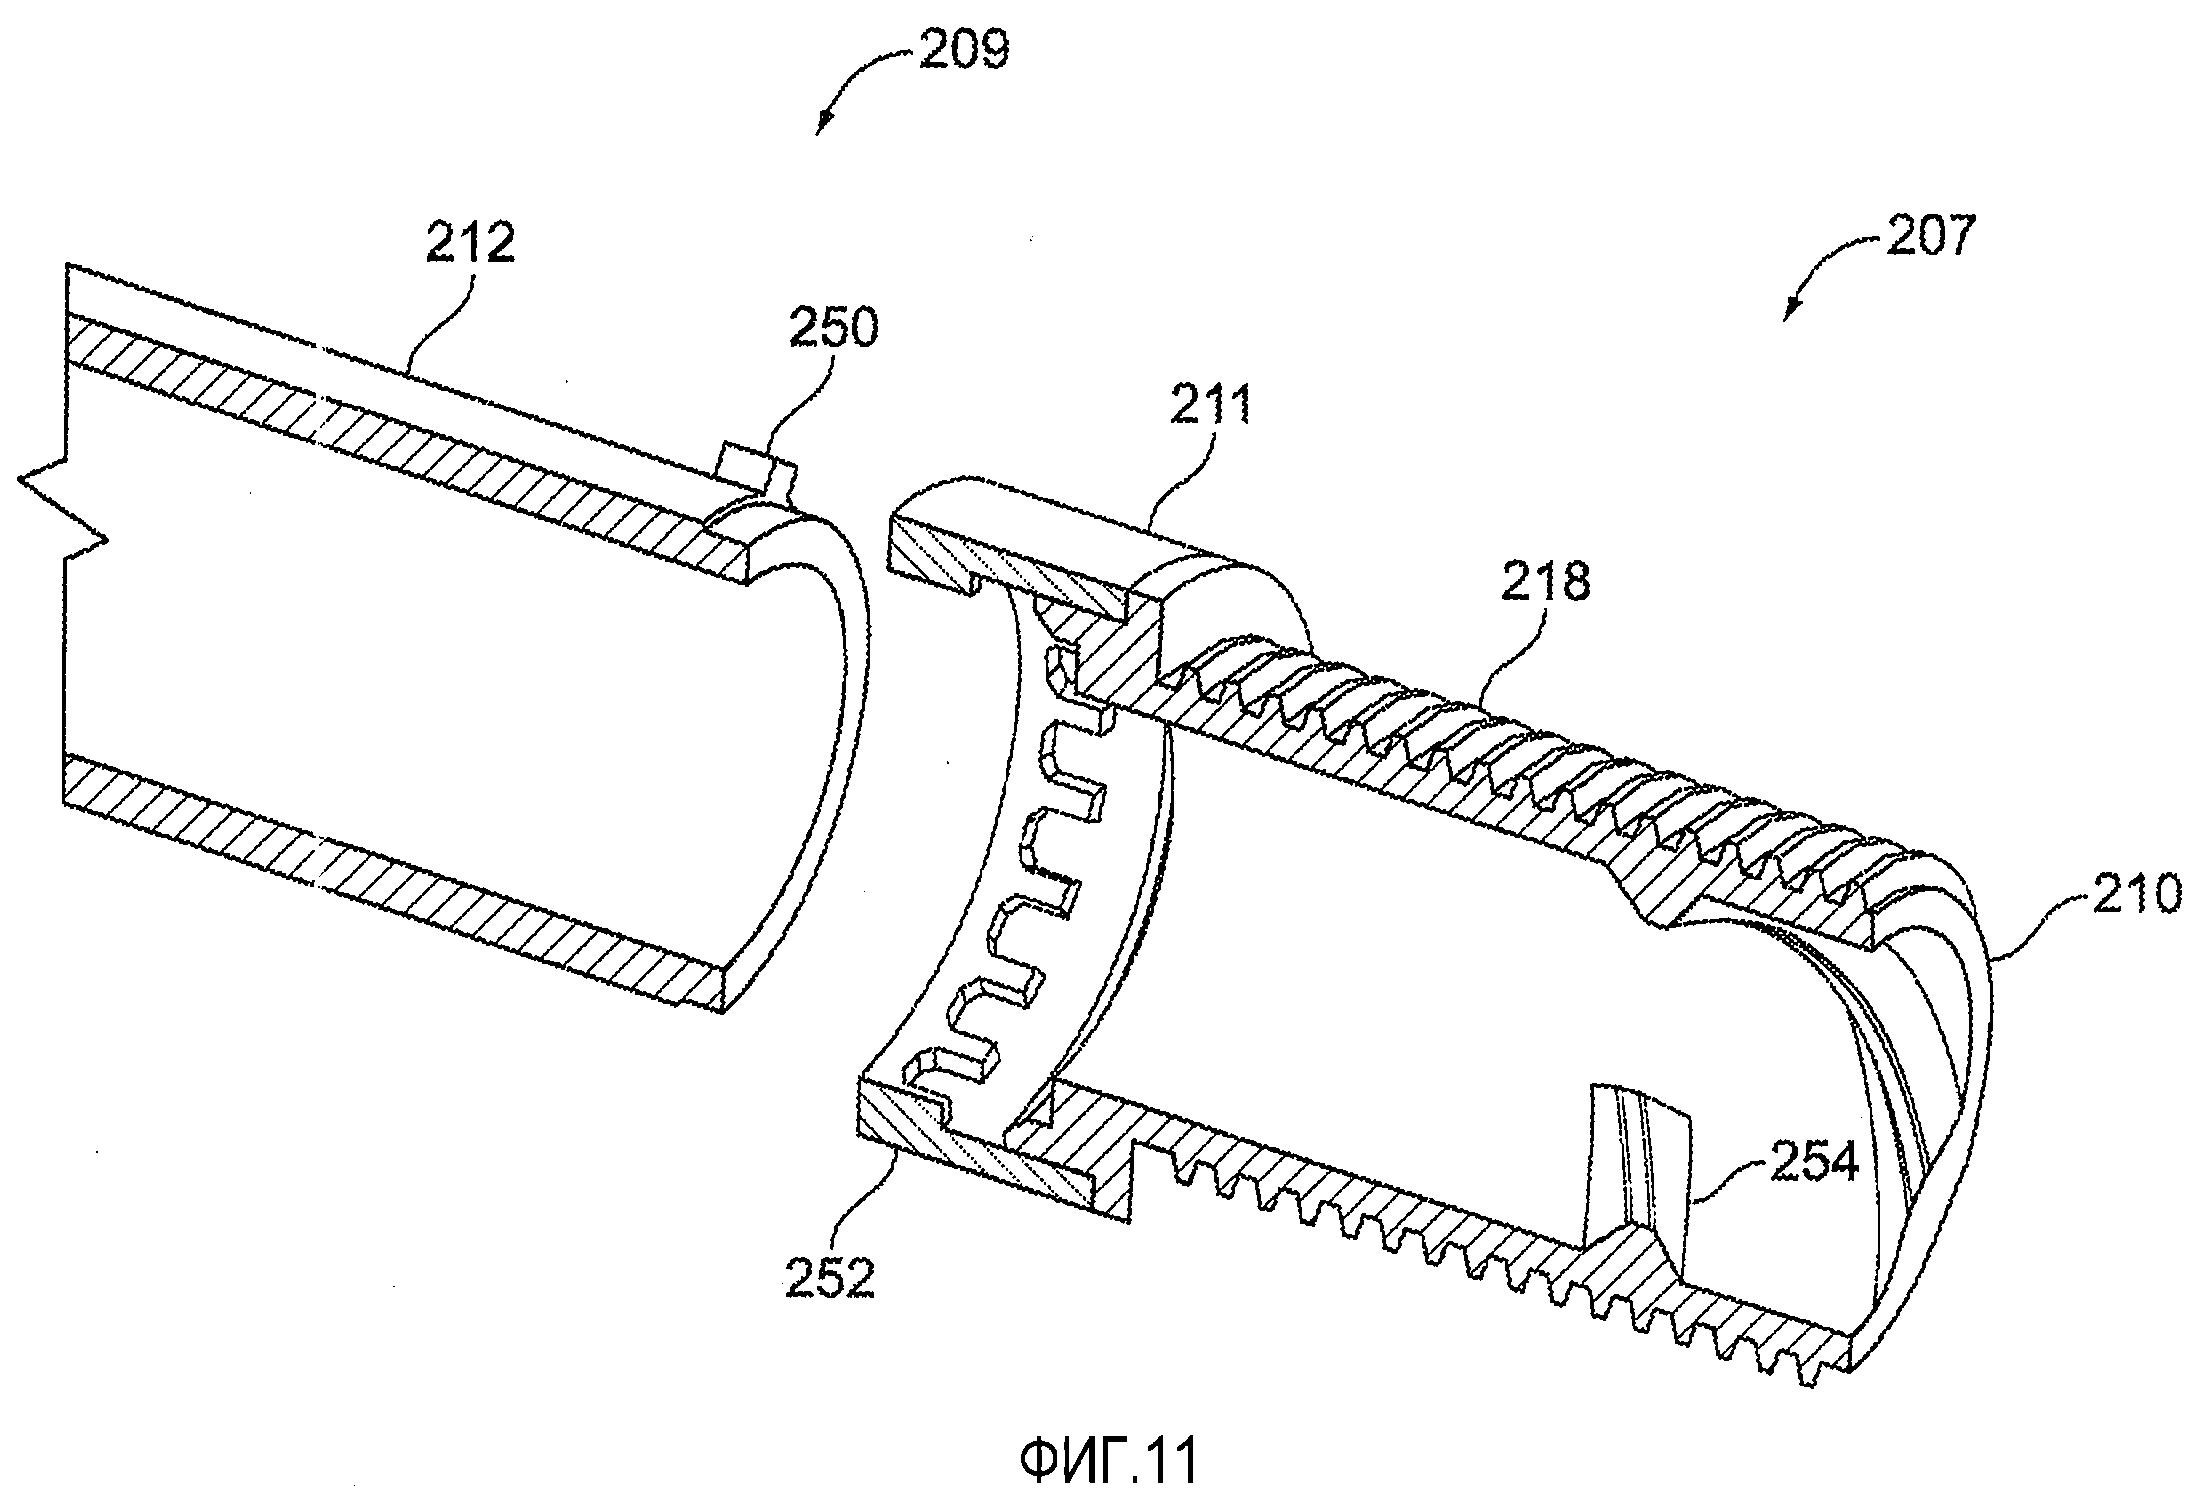 Сбрасывающий механизм для устройства доставки лекарственного средства